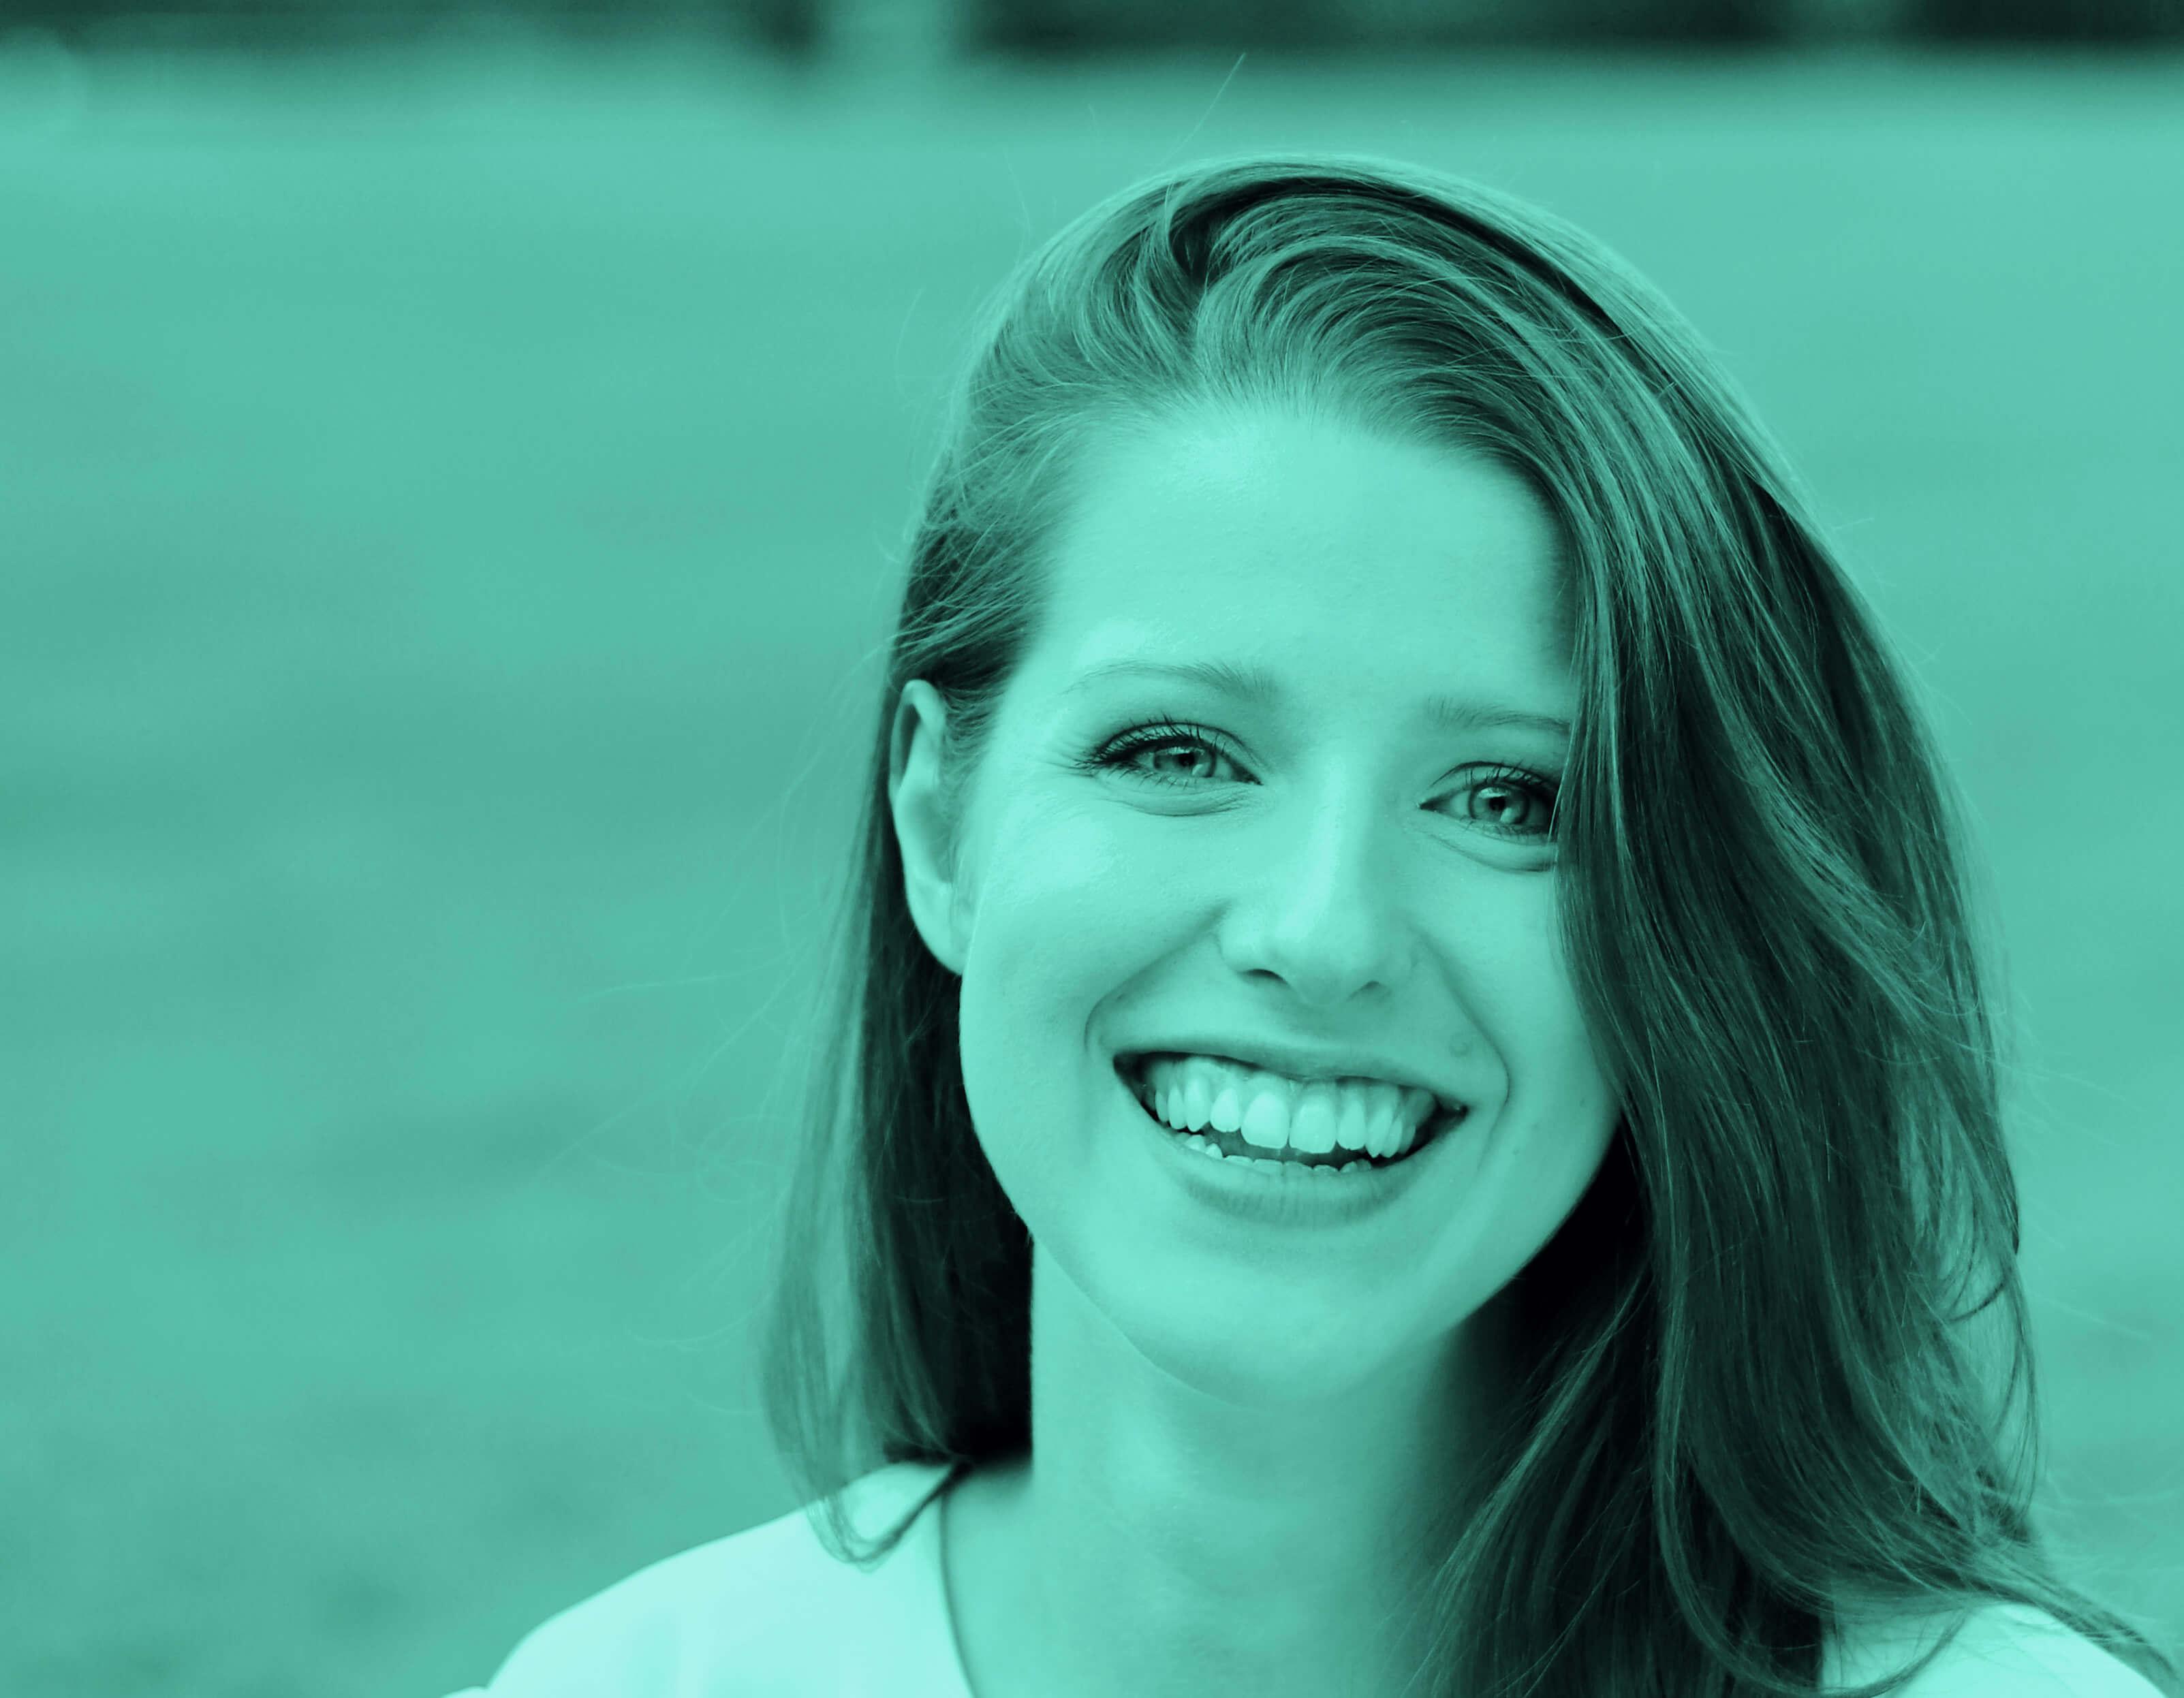 """Kosima Kovar: """"Fokussiere dich auf die Chancen. Lebe im Jetzt. Finde deine Mitte und lerne dich selbst neu kennen."""""""